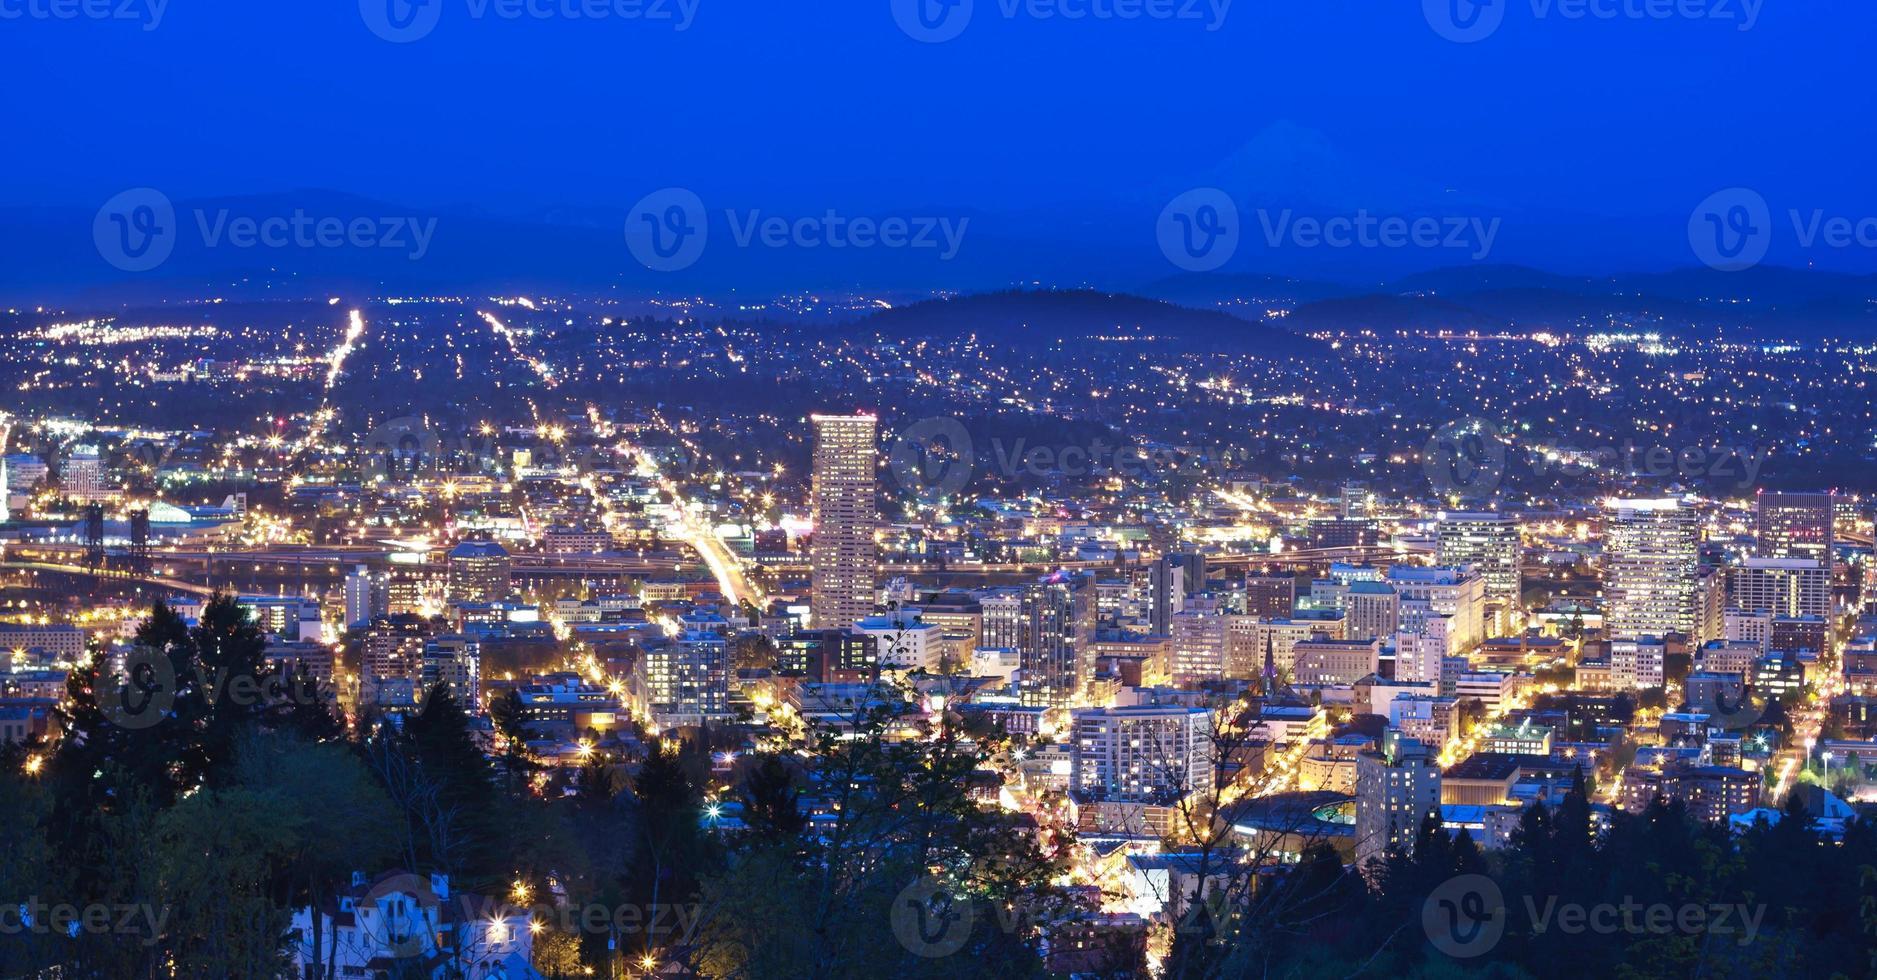 belle vue de nuit de portland, oregon photo